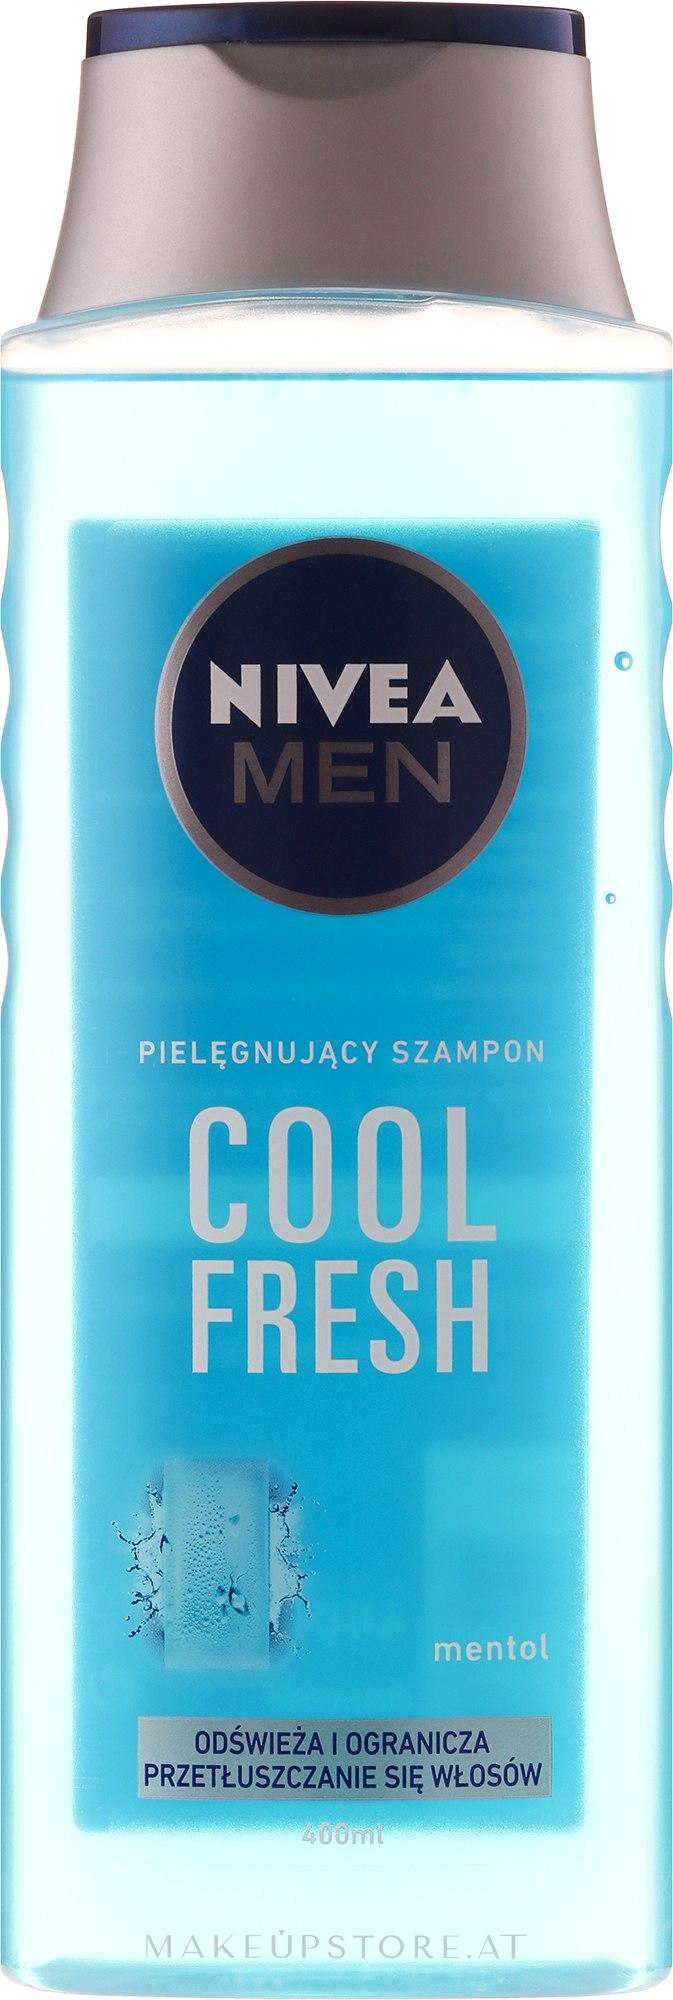 Shampoo für Männer, Tiefenreinigung und Erfrischung - Nivea For Men Cool Fresh Mentol Shampoo — Bild 400 ml